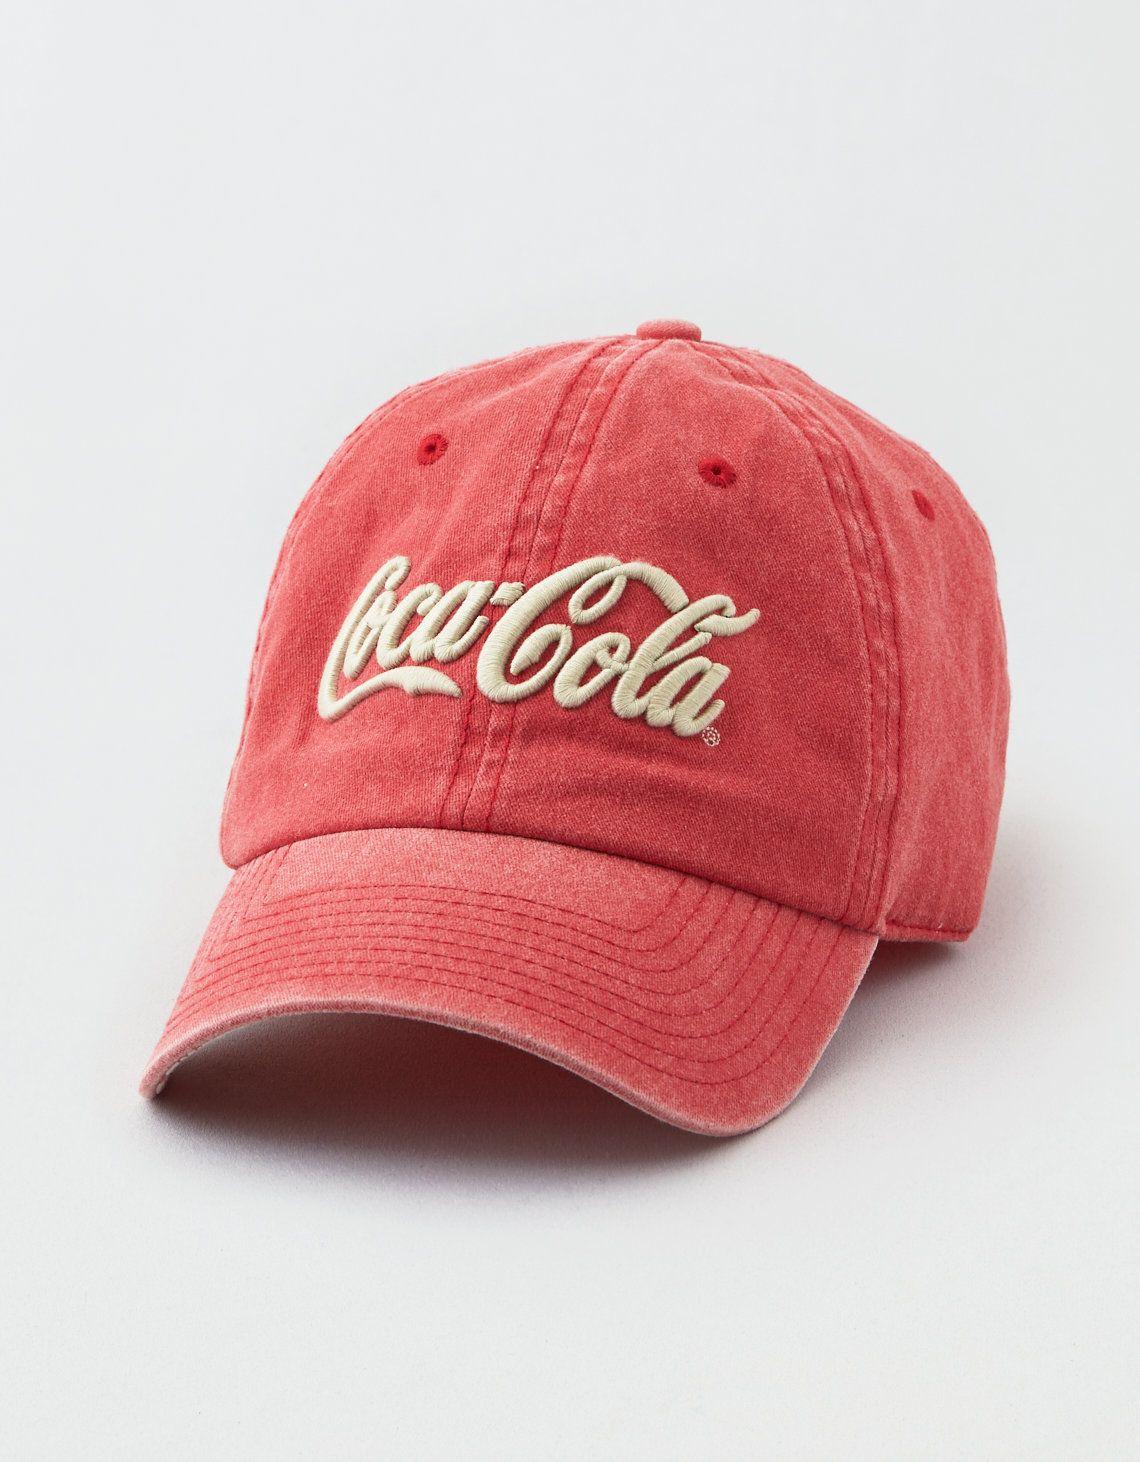 6640e40b6c8 American Needle Coca Cola Baseball Hat in 2019